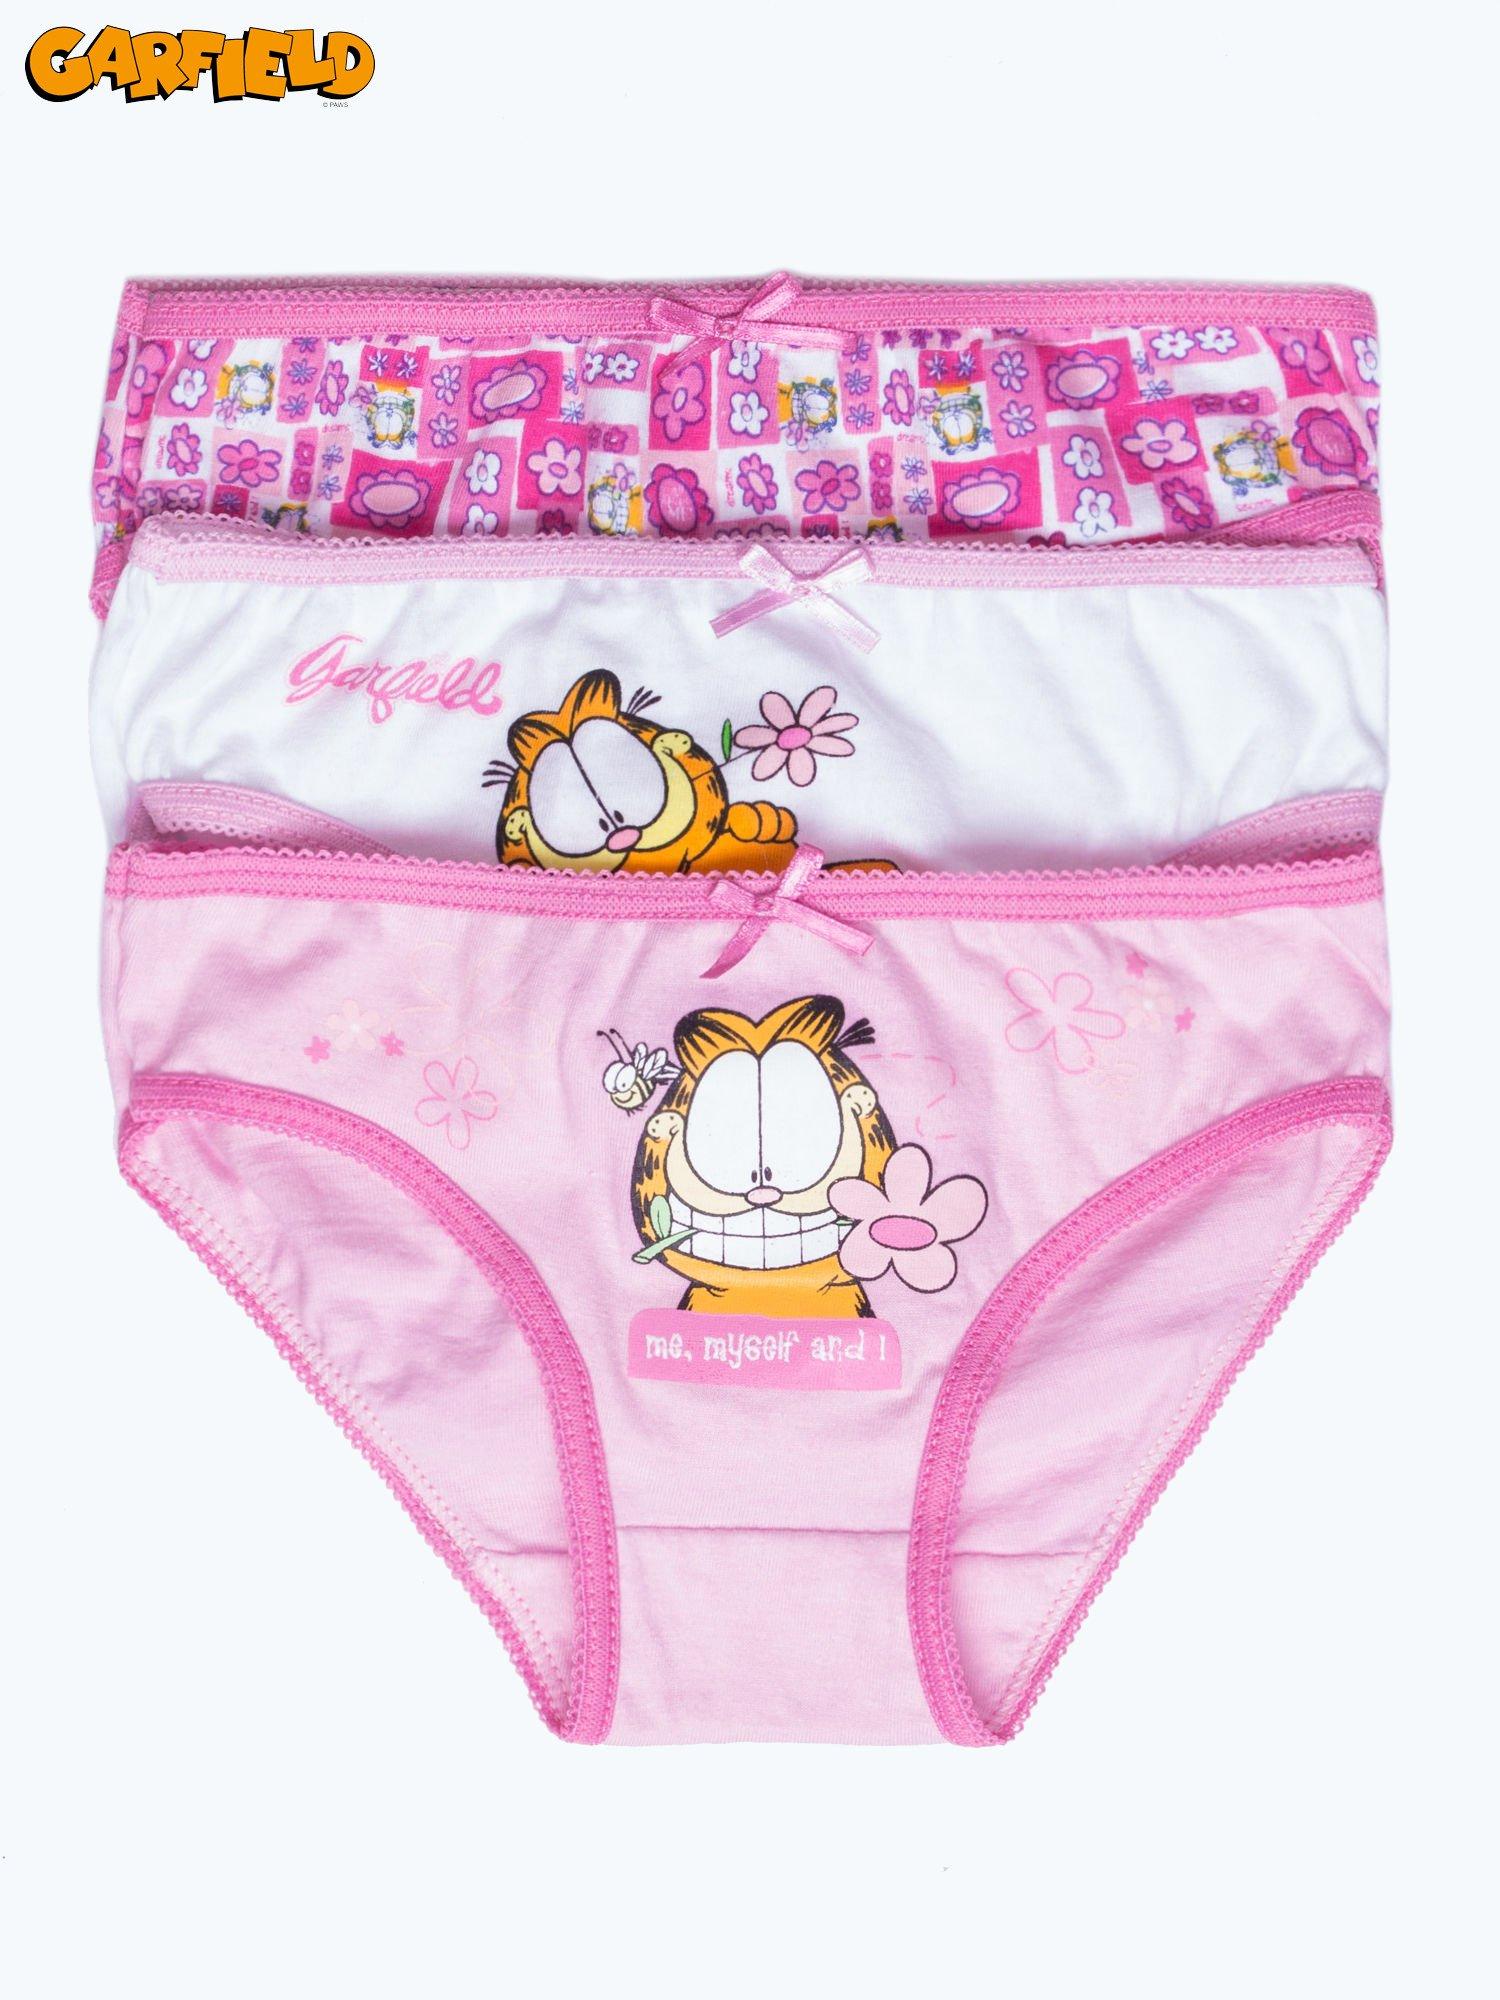 Bawełniane majtki dla dziewczynki GARFIELD 3 szt                                  zdj.                                  1